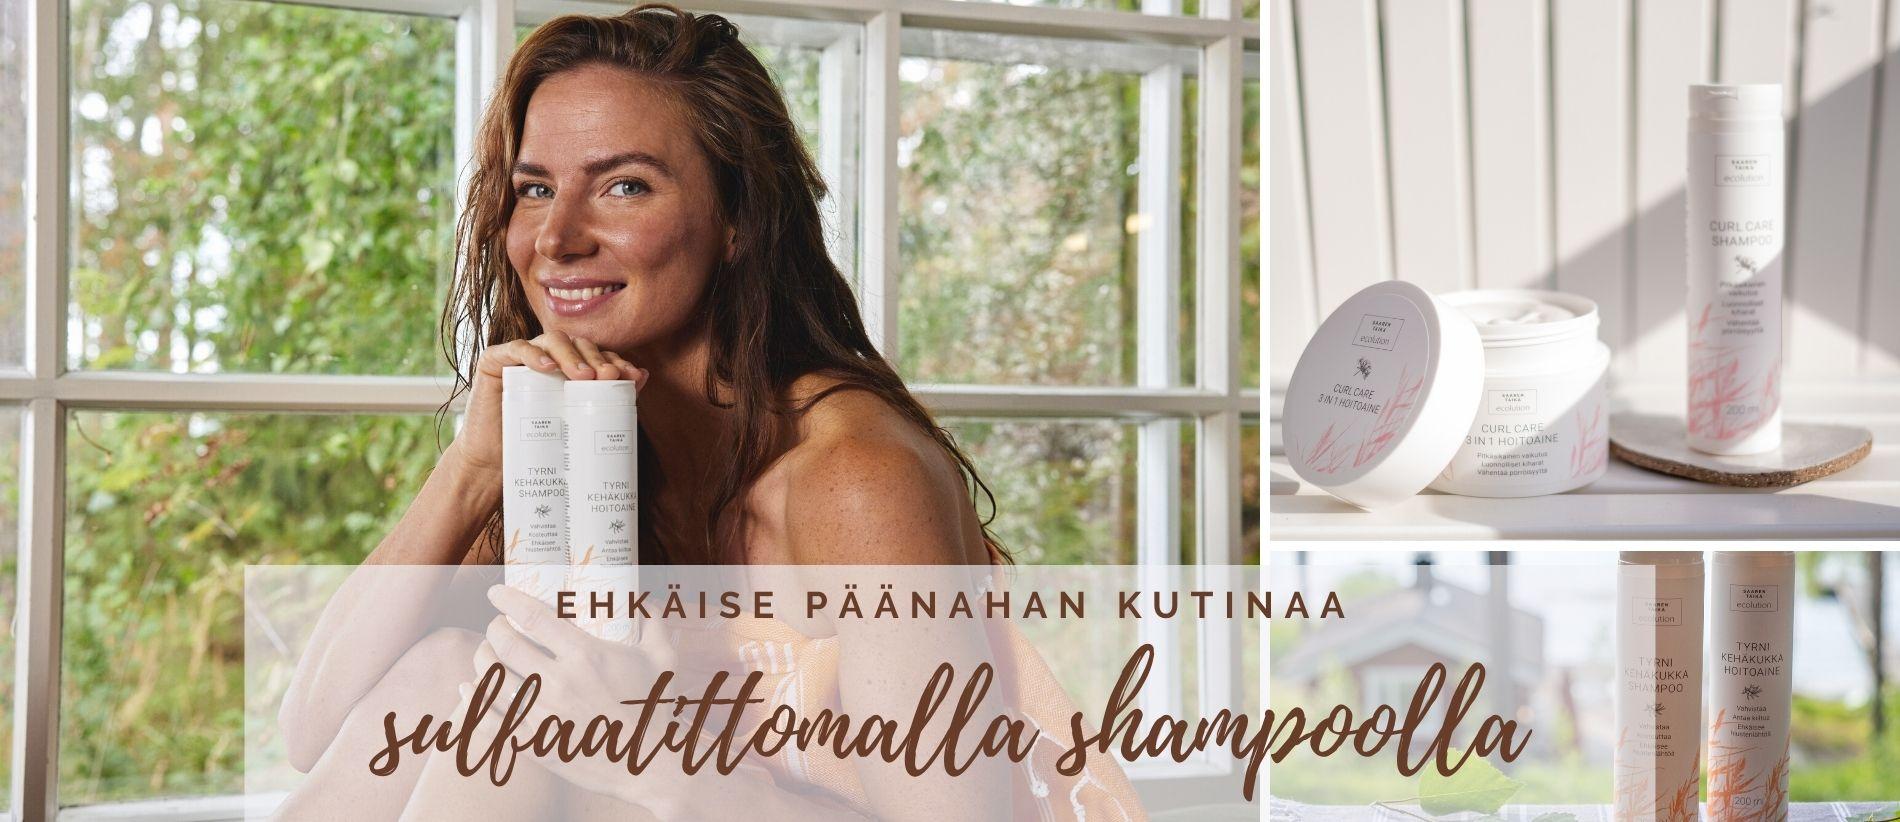 Ehkäise päänahan kutinaa sulfaatittomalla shampoolla